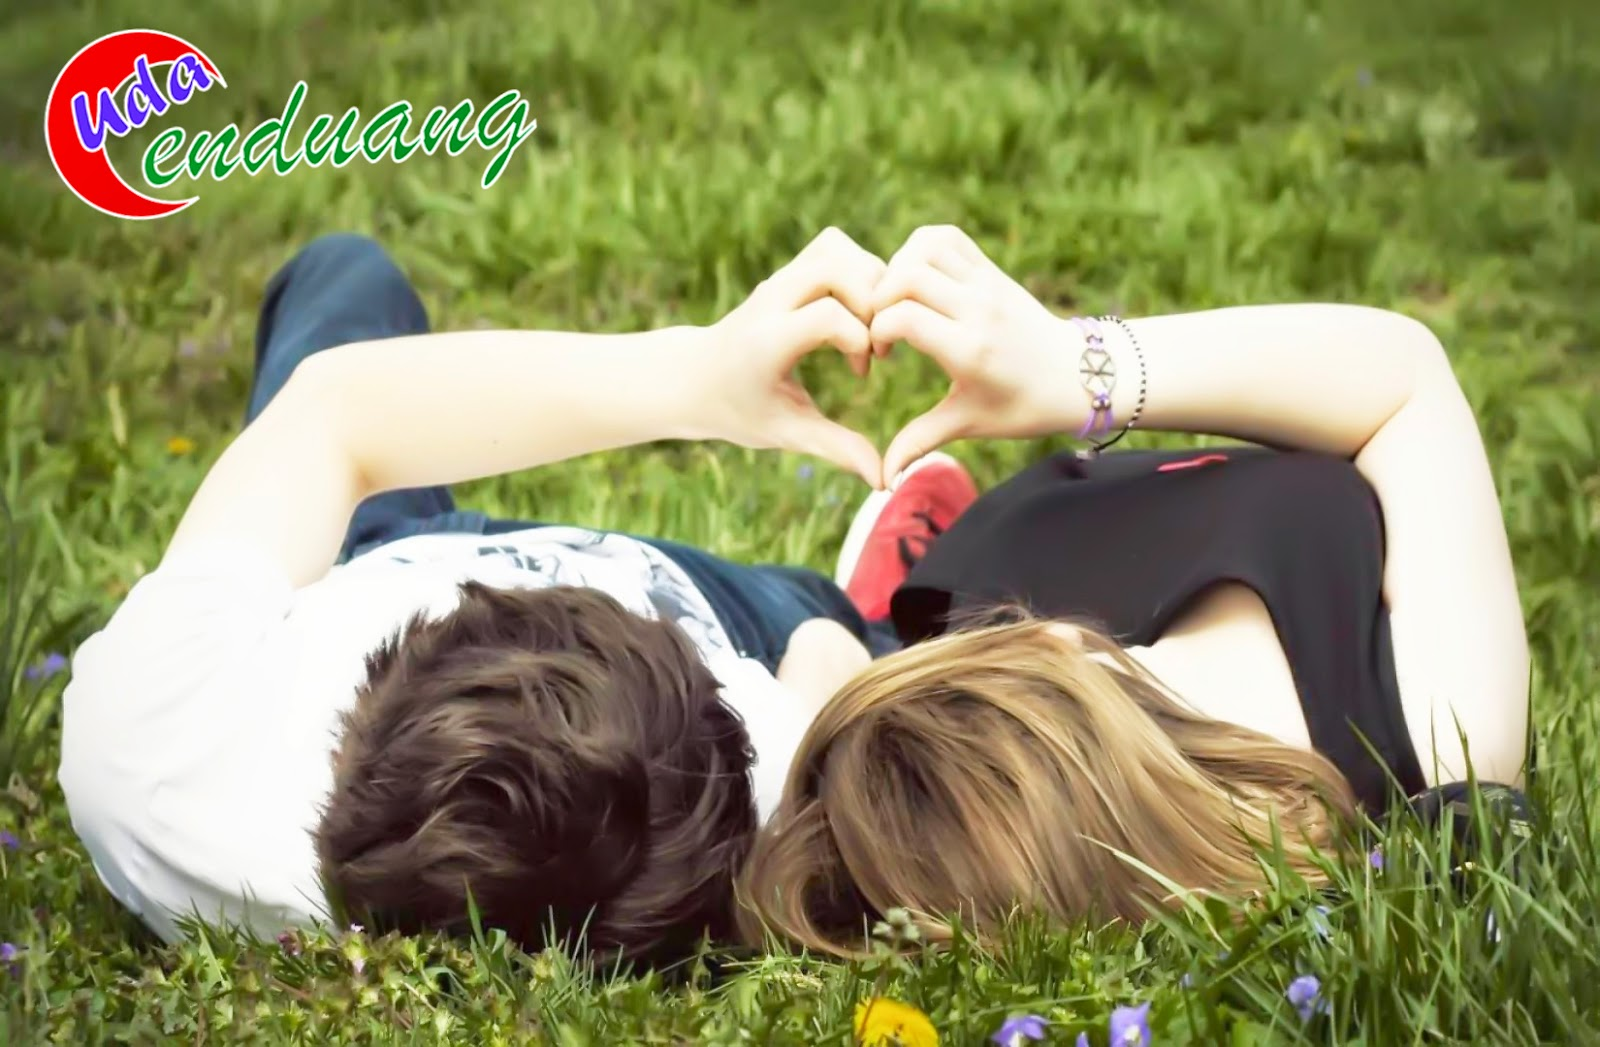 Kumpulan Status Fb Cinta Romantis Buat Pacar Terbaru